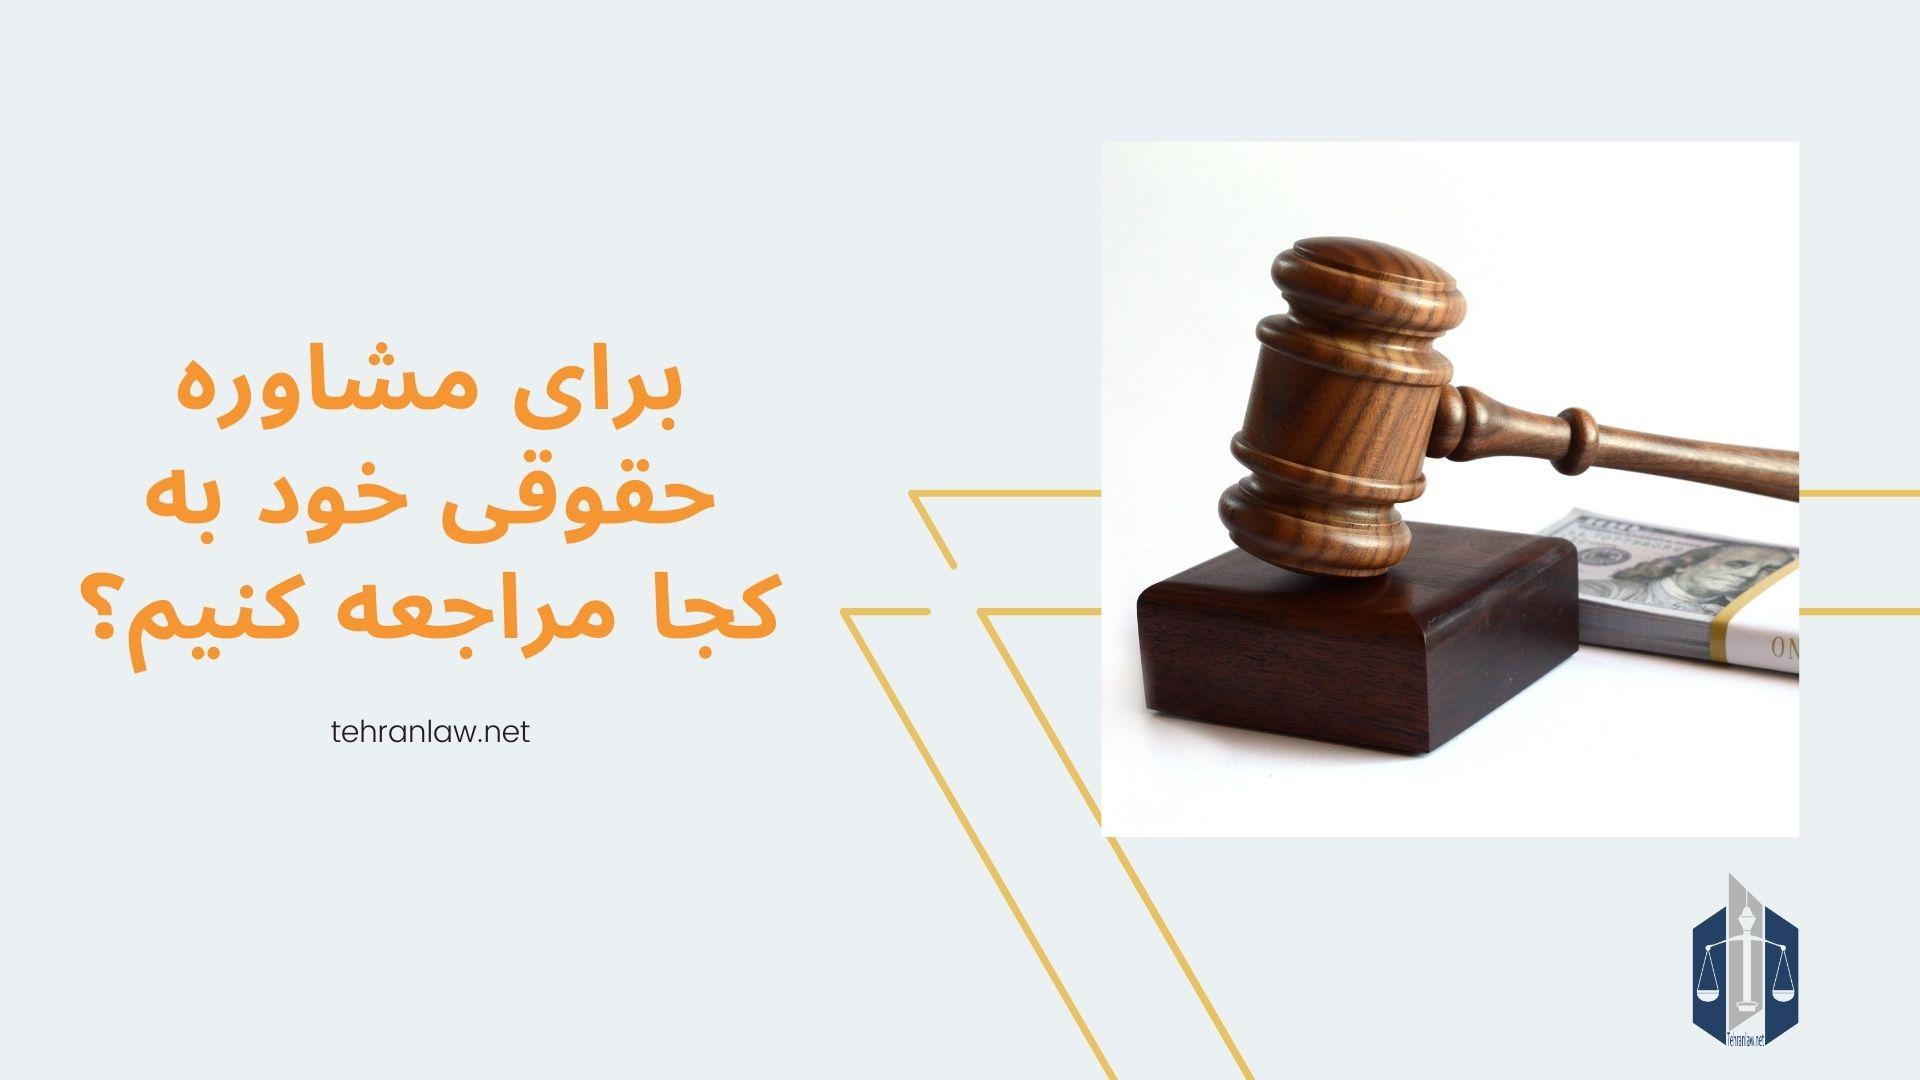 برای مشاوره حقوقی خود به کجا مراجعه کنیم؟